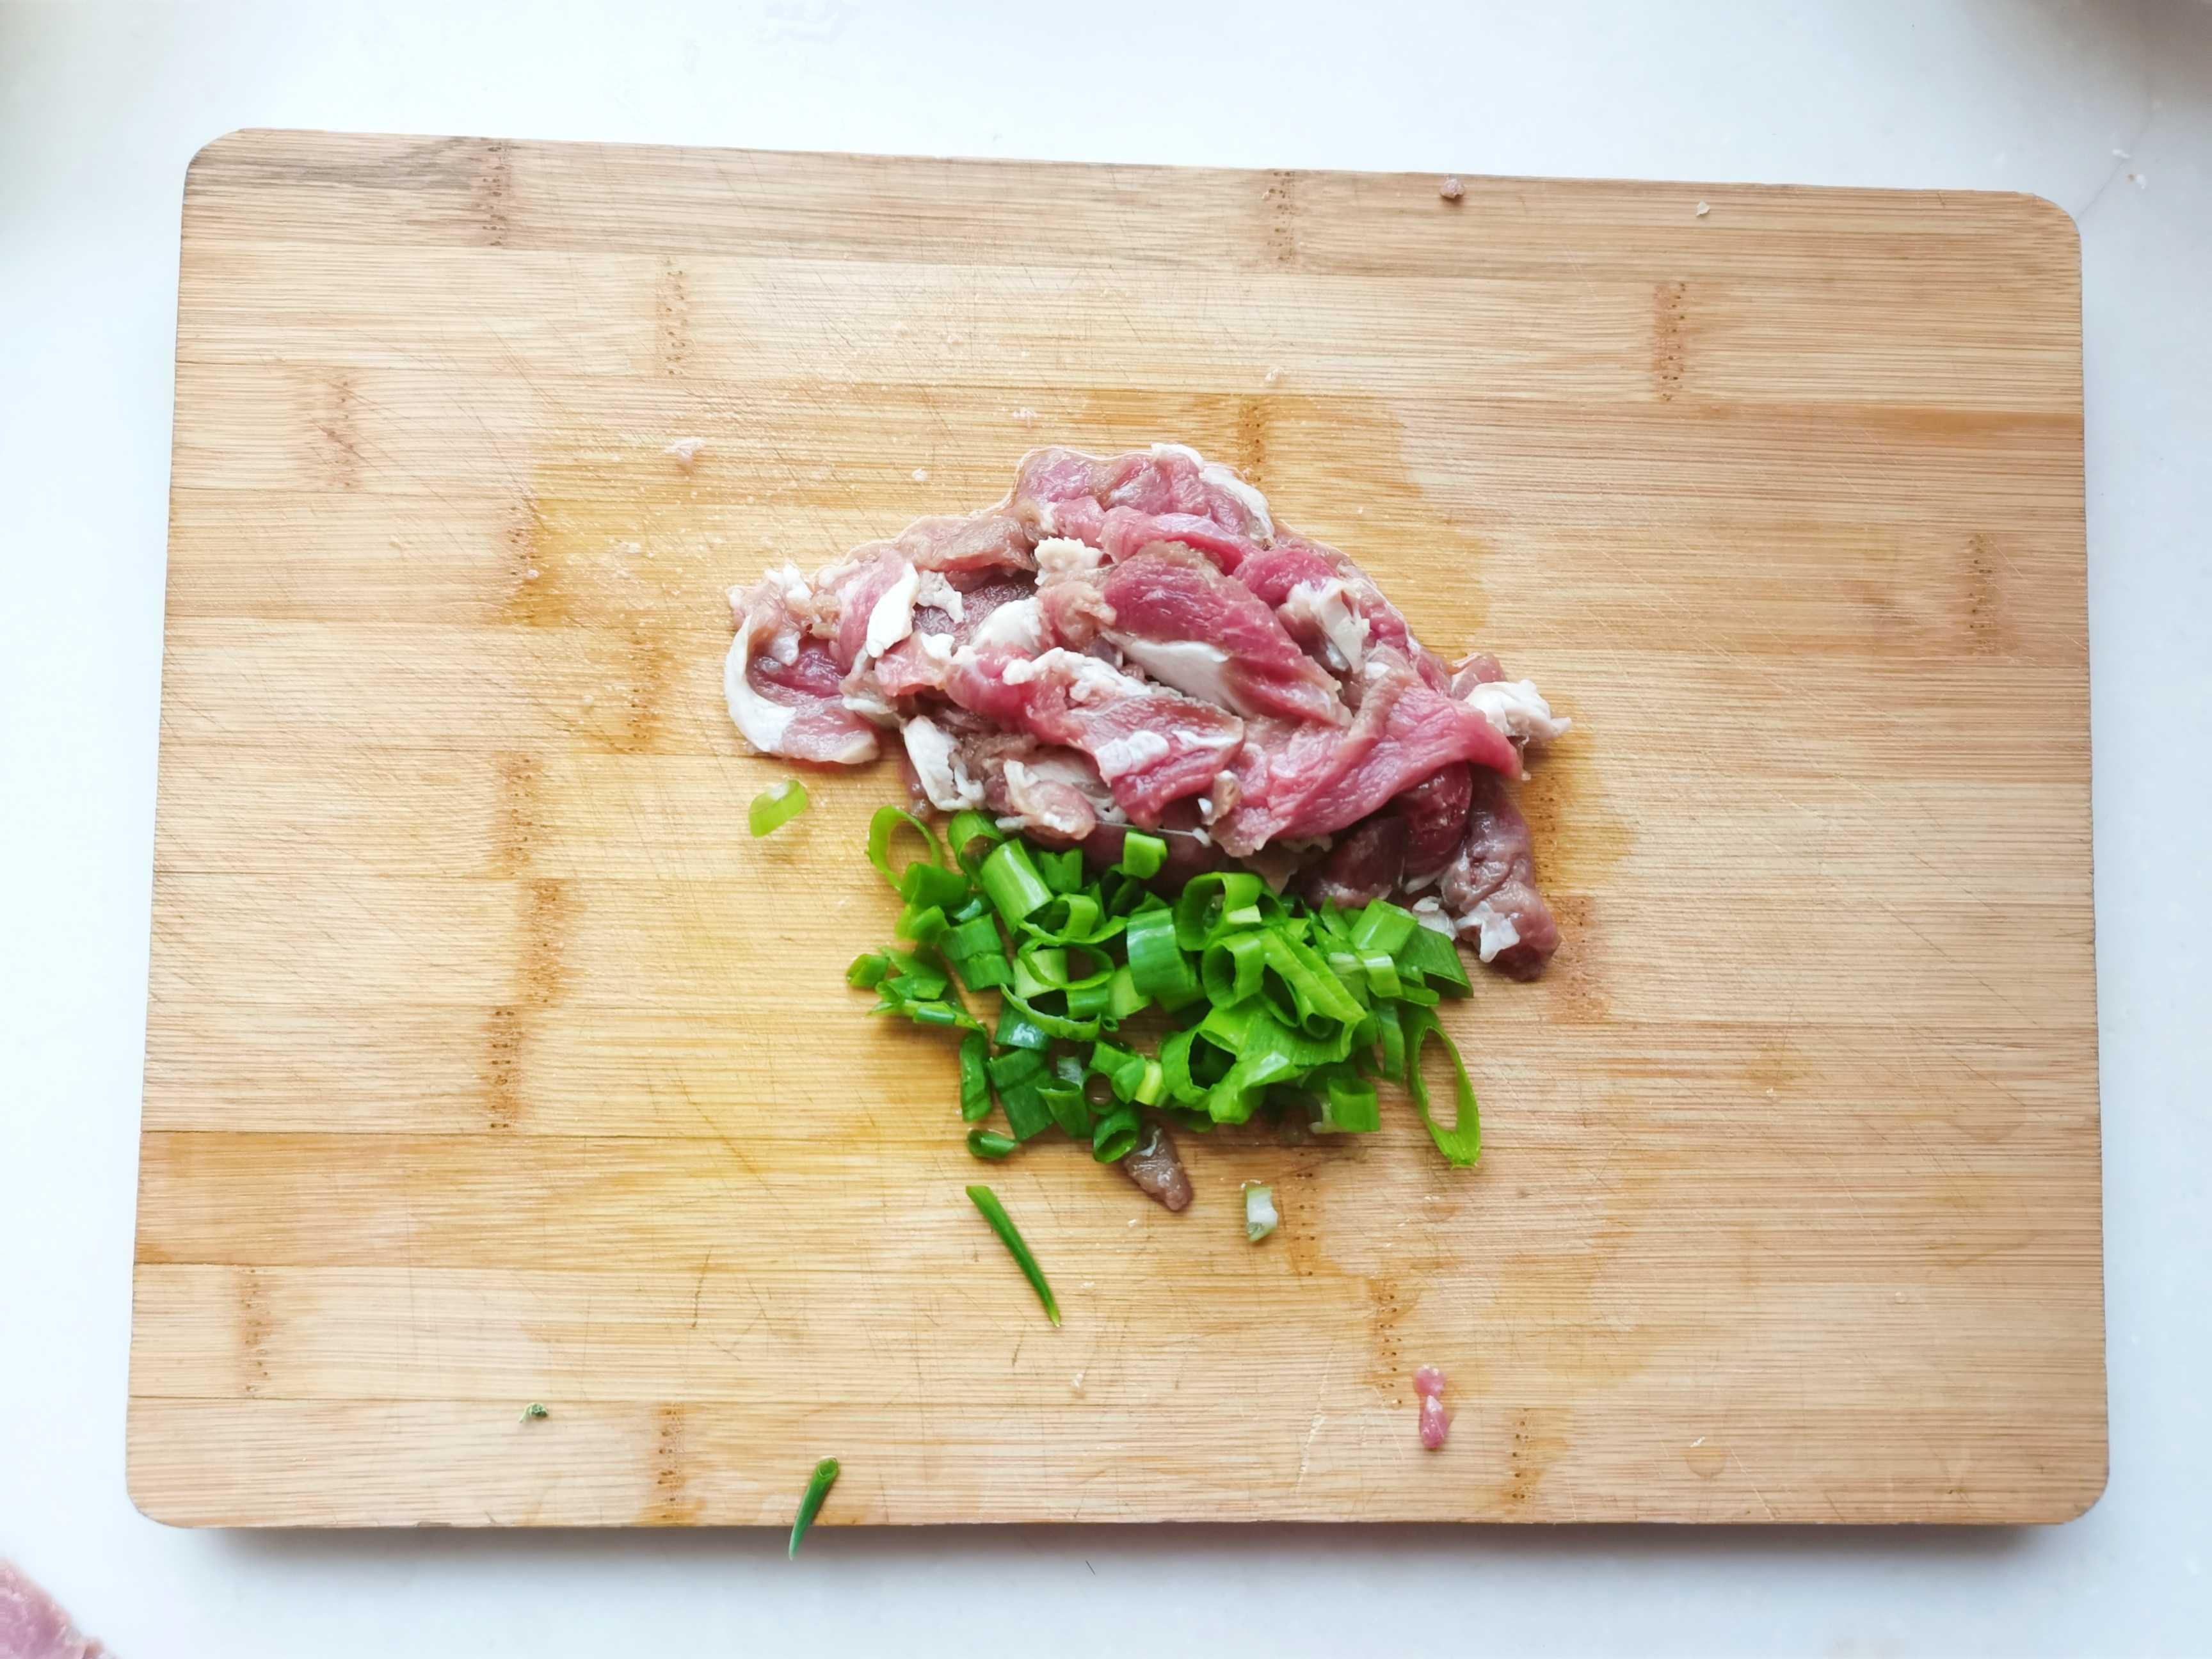 西芹青椒羊肉的步骤